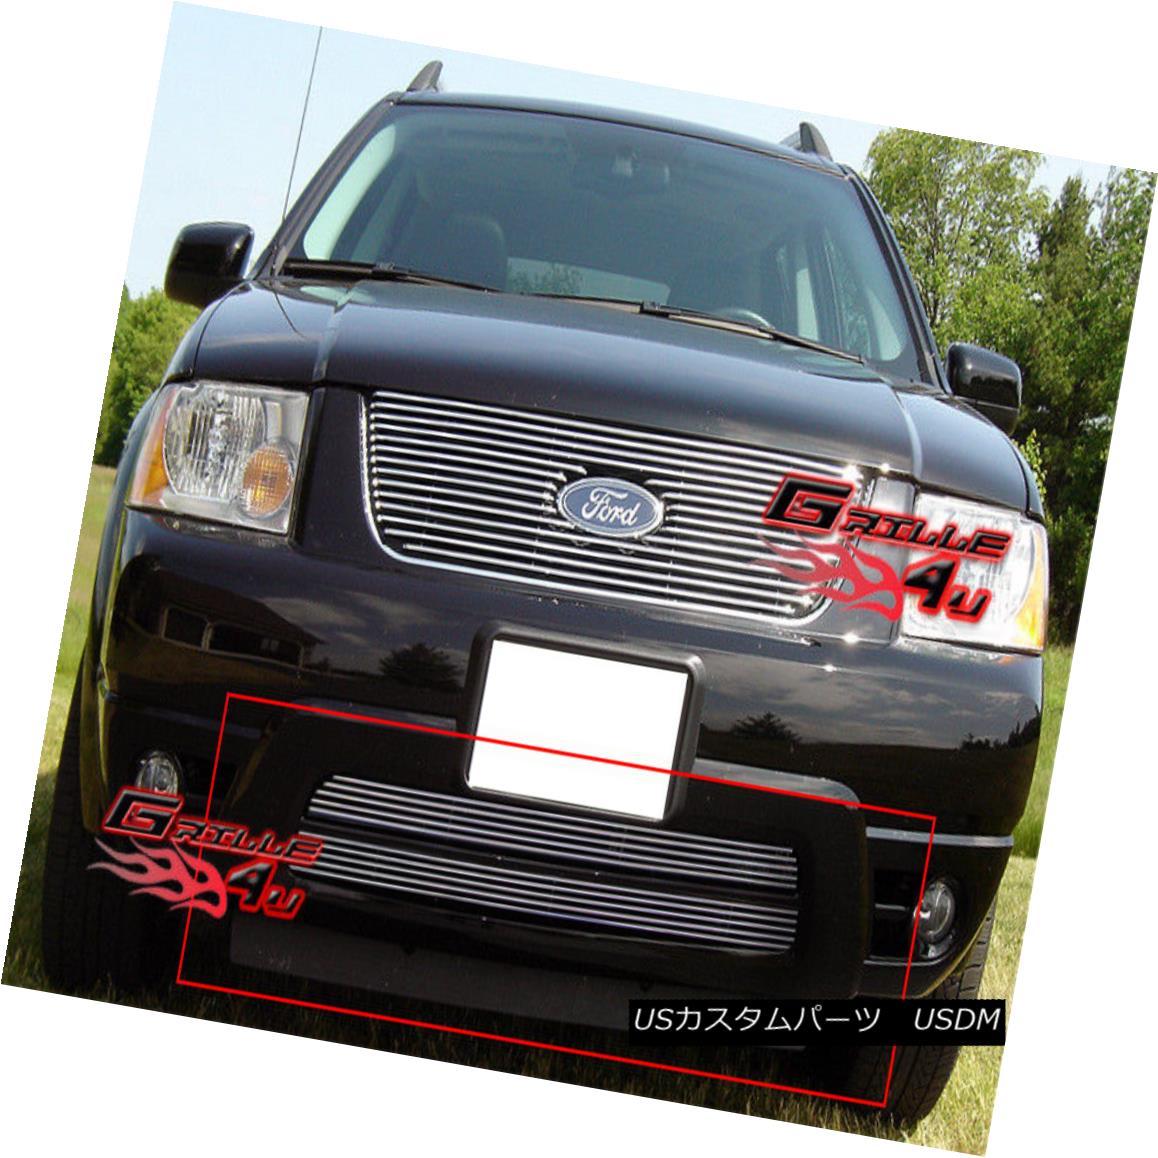 グリル Fits 2005-2006 Ford Freestyle Lower Bumper Billet Grille Insert フィット2005-2006フォードフリースタイルロワーバンパービレットグリルインサート